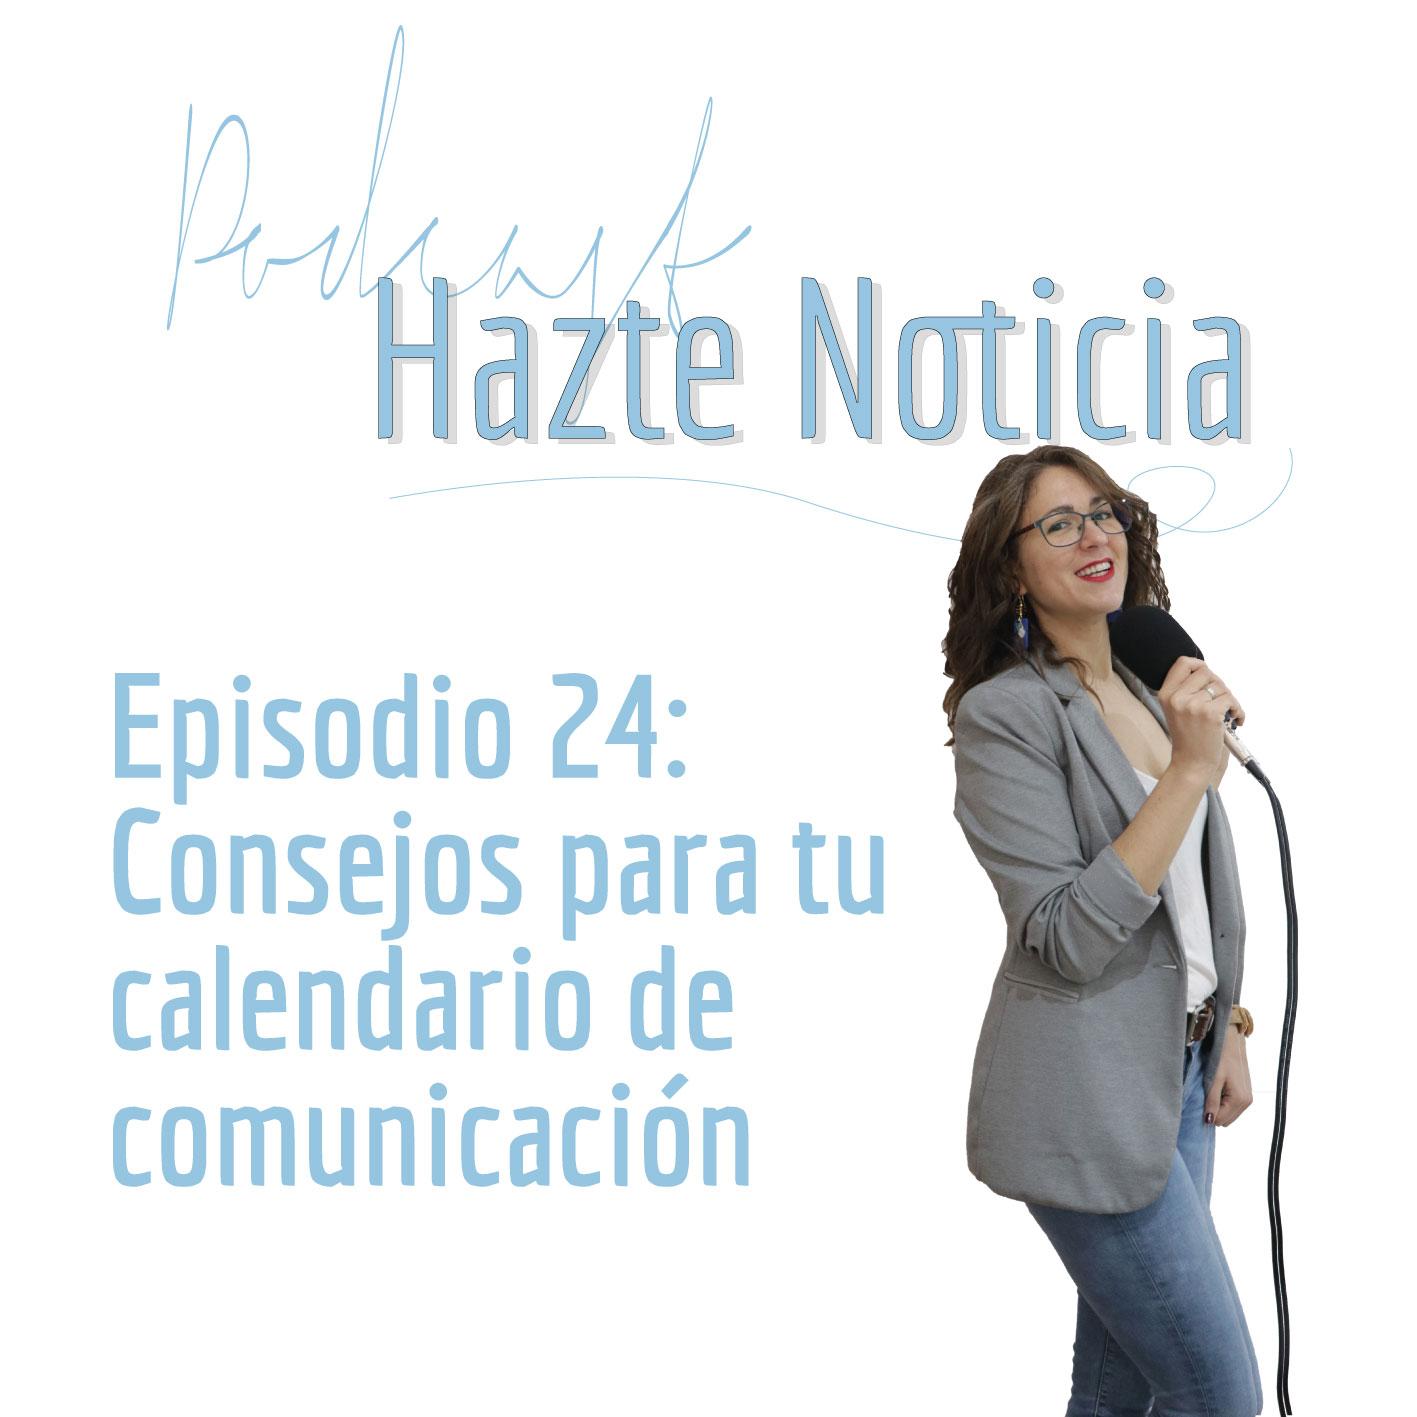 Consejos para tu calendario de comunicación